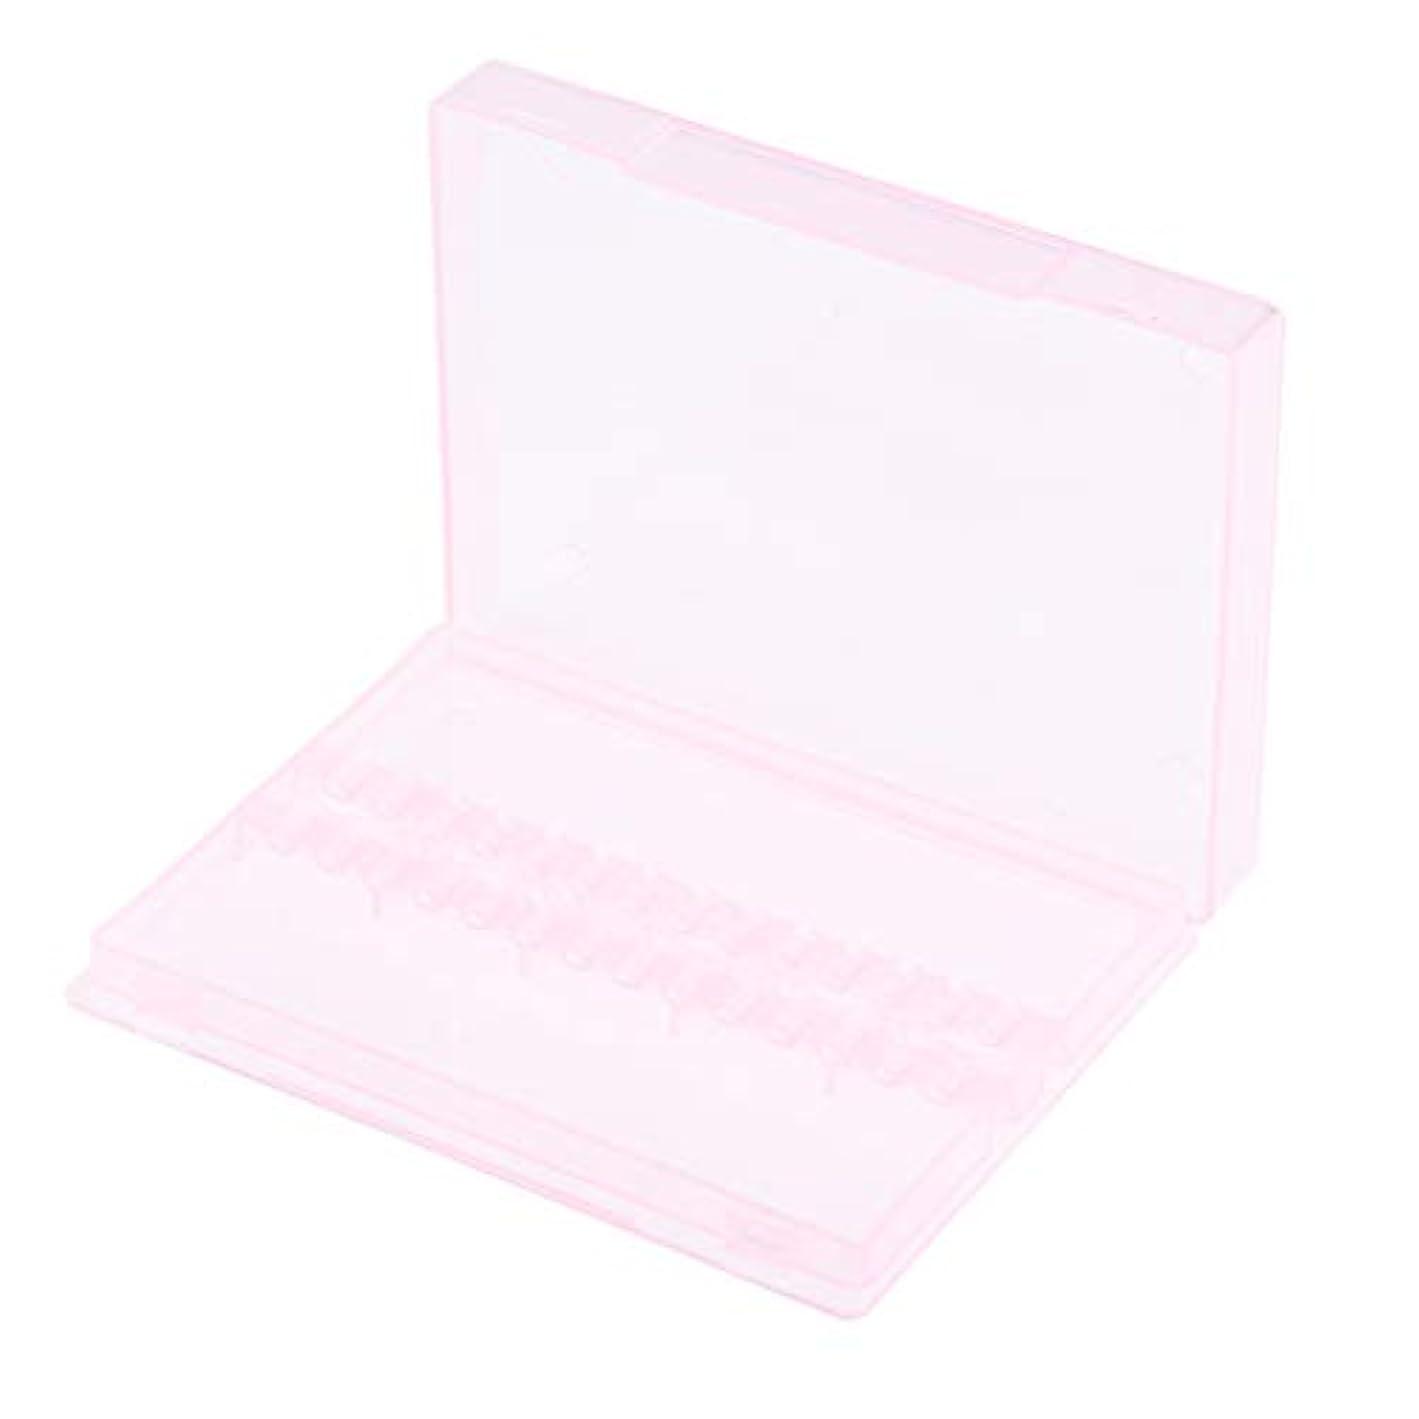 文明化全く荒らすF Fityle ネイルアート ドリルビットホルダー 空ボックス 収納ケース 2色選べ - ピンク